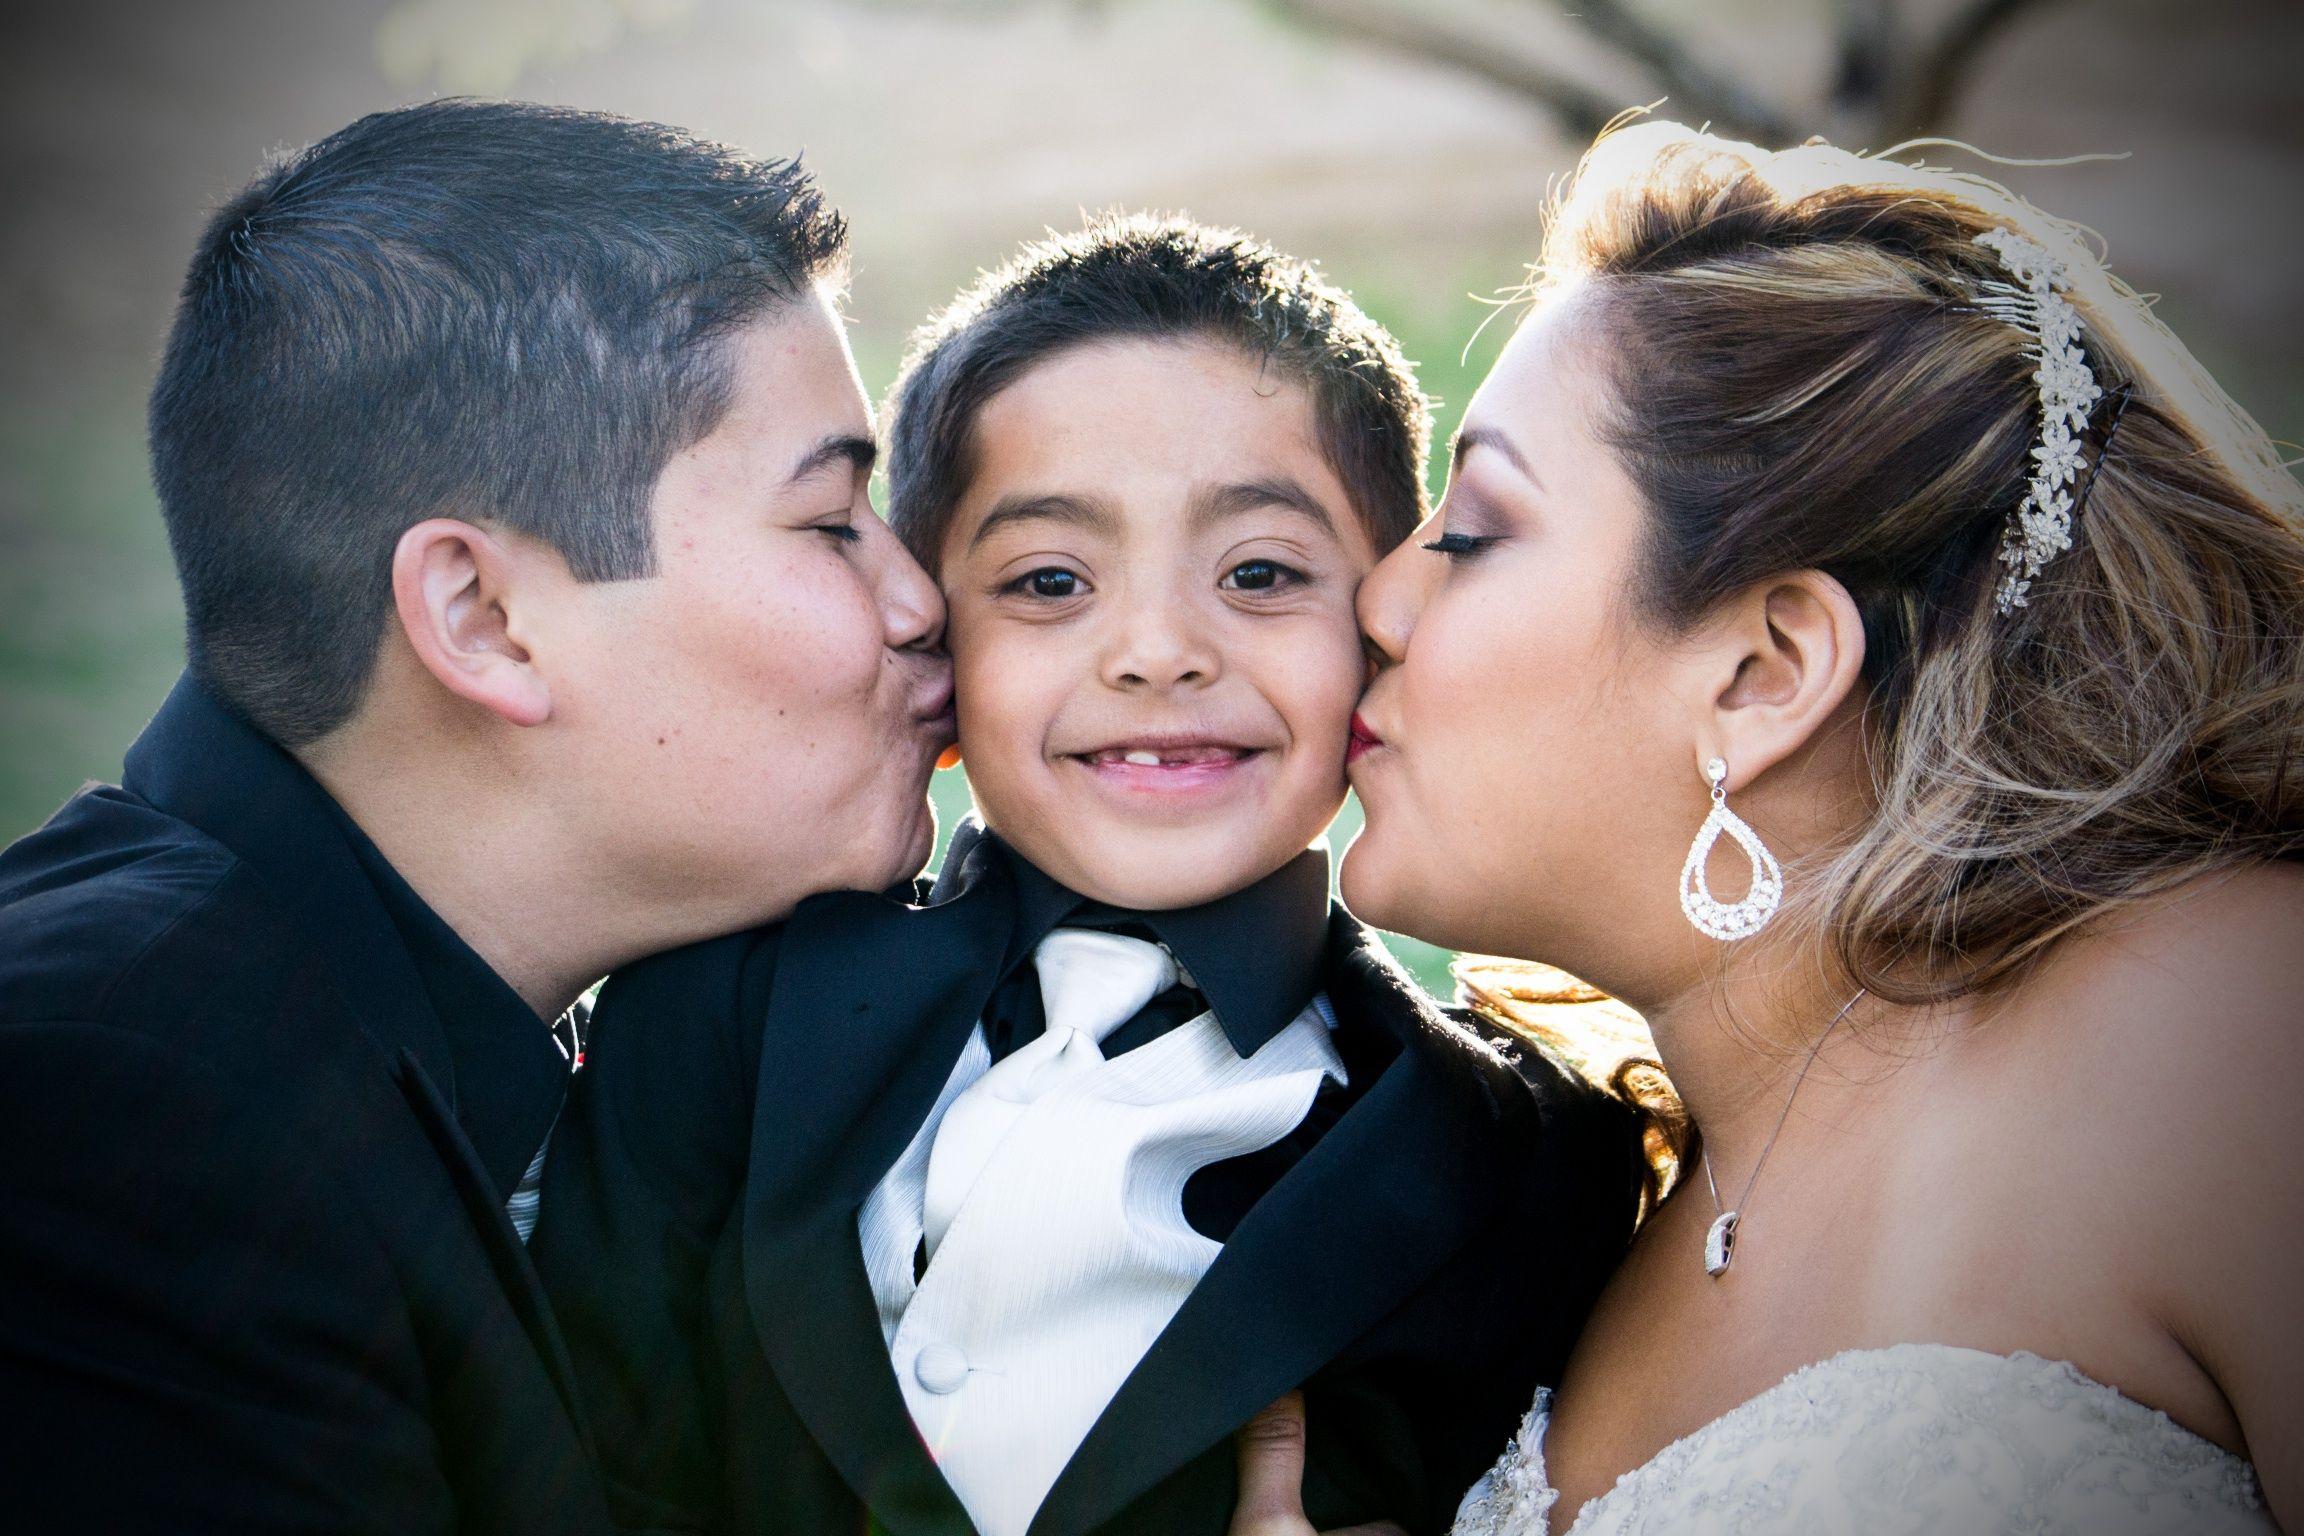 Arlene and Andy's wedding #wedding #photosbyace #smile #family